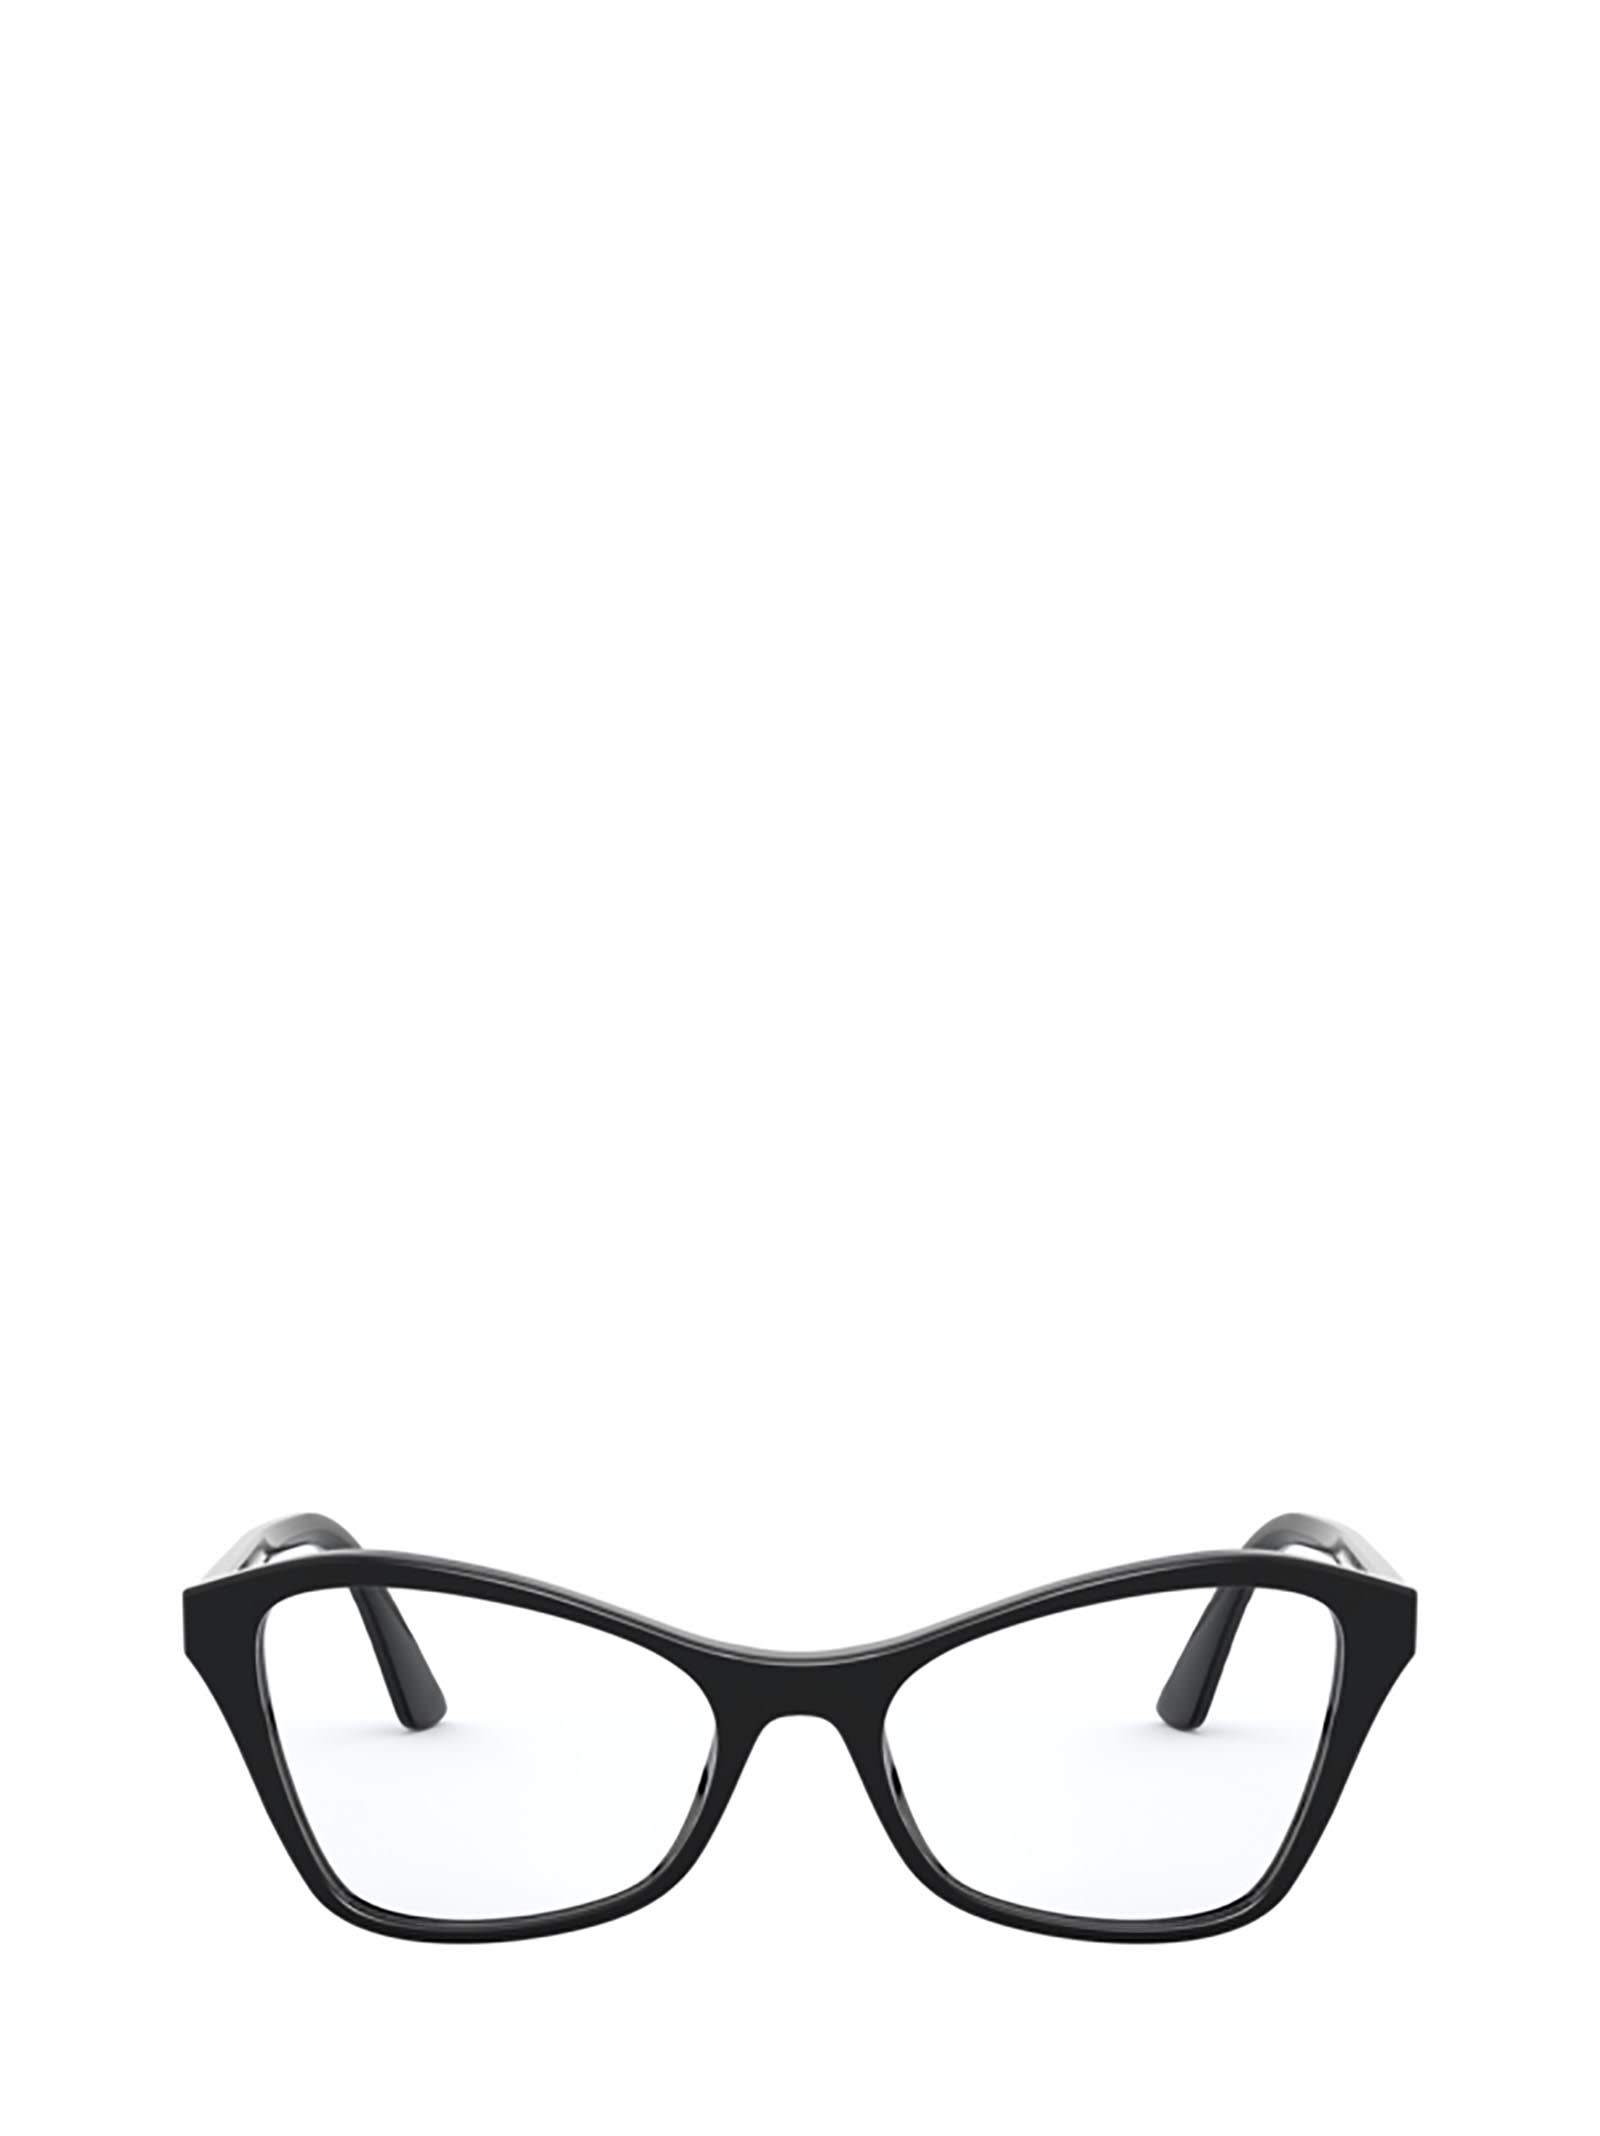 Prada Prada Pr 11xv 1ab1o1 Glasses